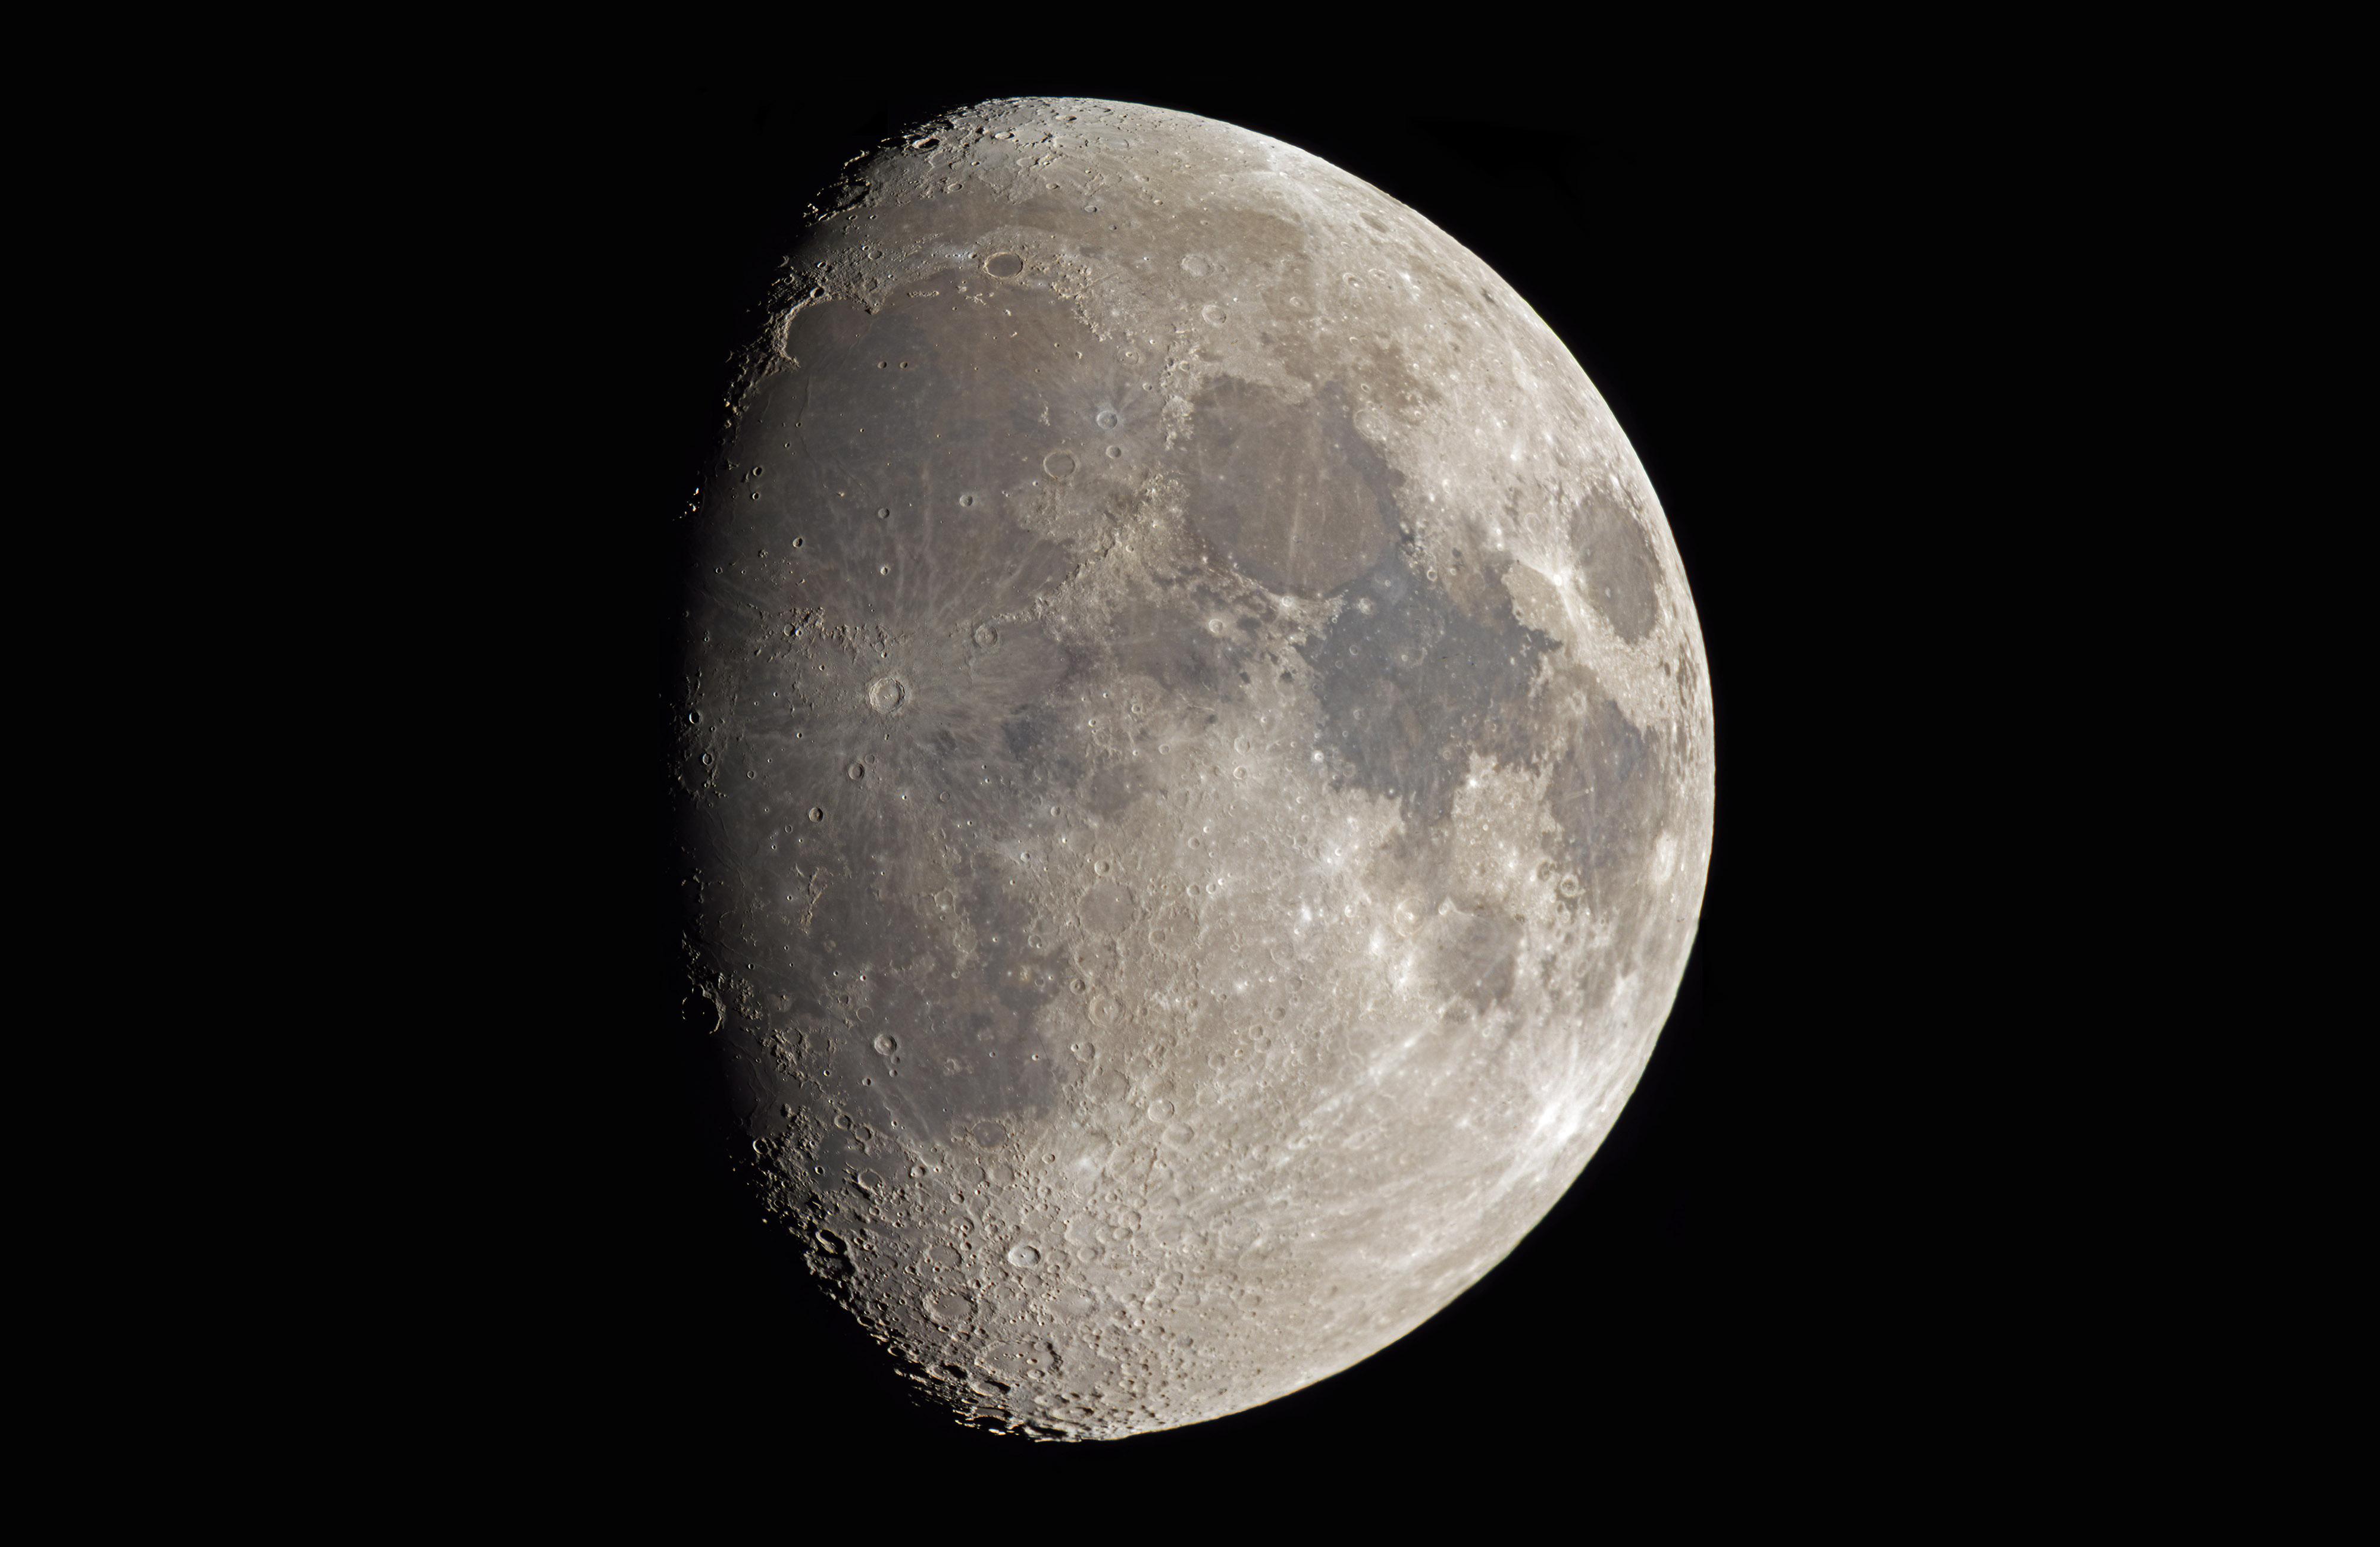 Lune du 30 octobre au t lescope de 150 astrophotographie astrosurf - Lune descendante octobre 2017 ...